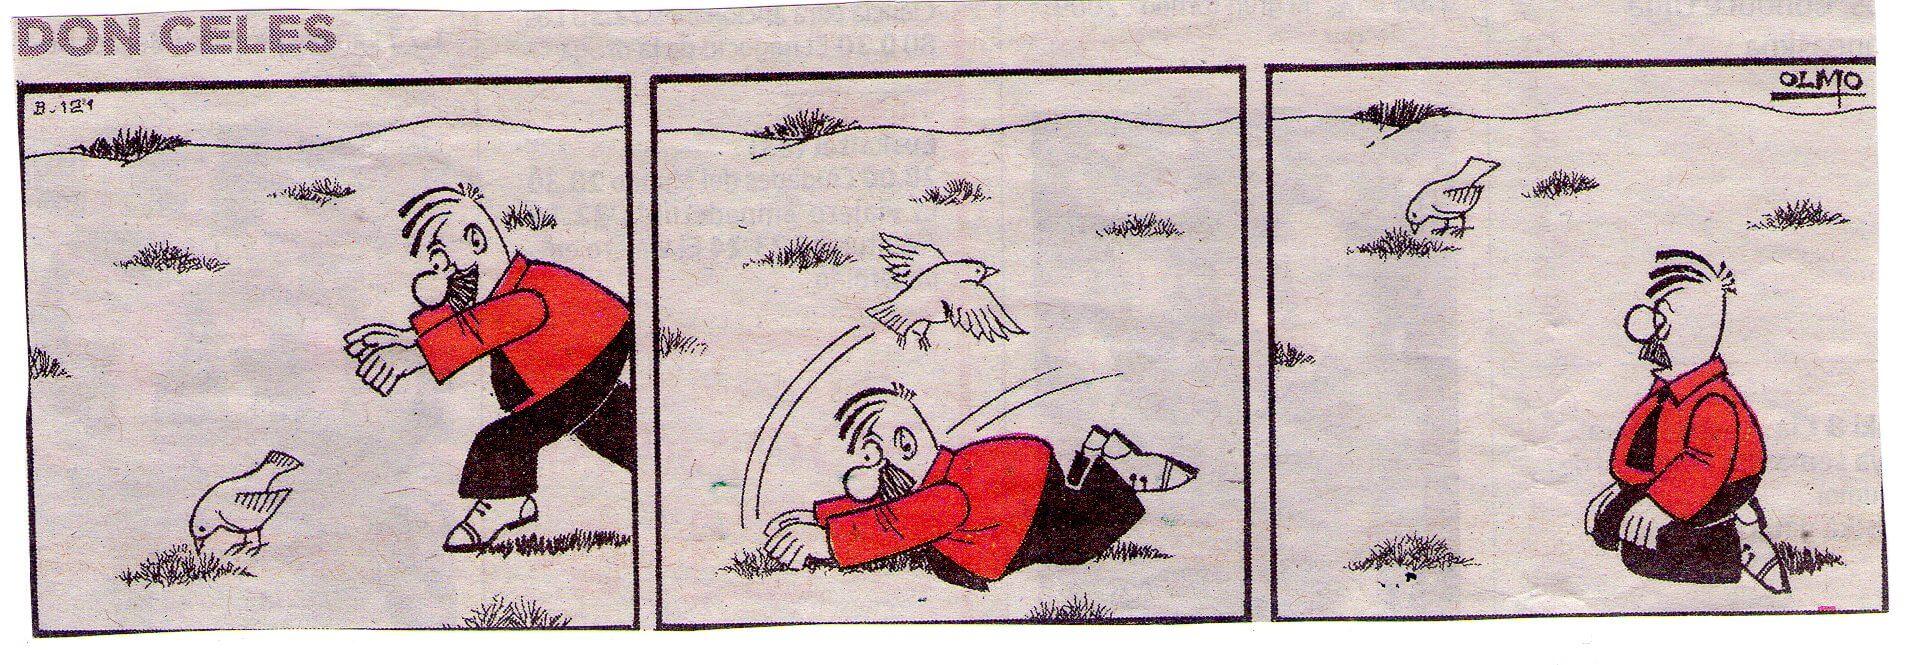 Don Celes intenta cazar un pájaro